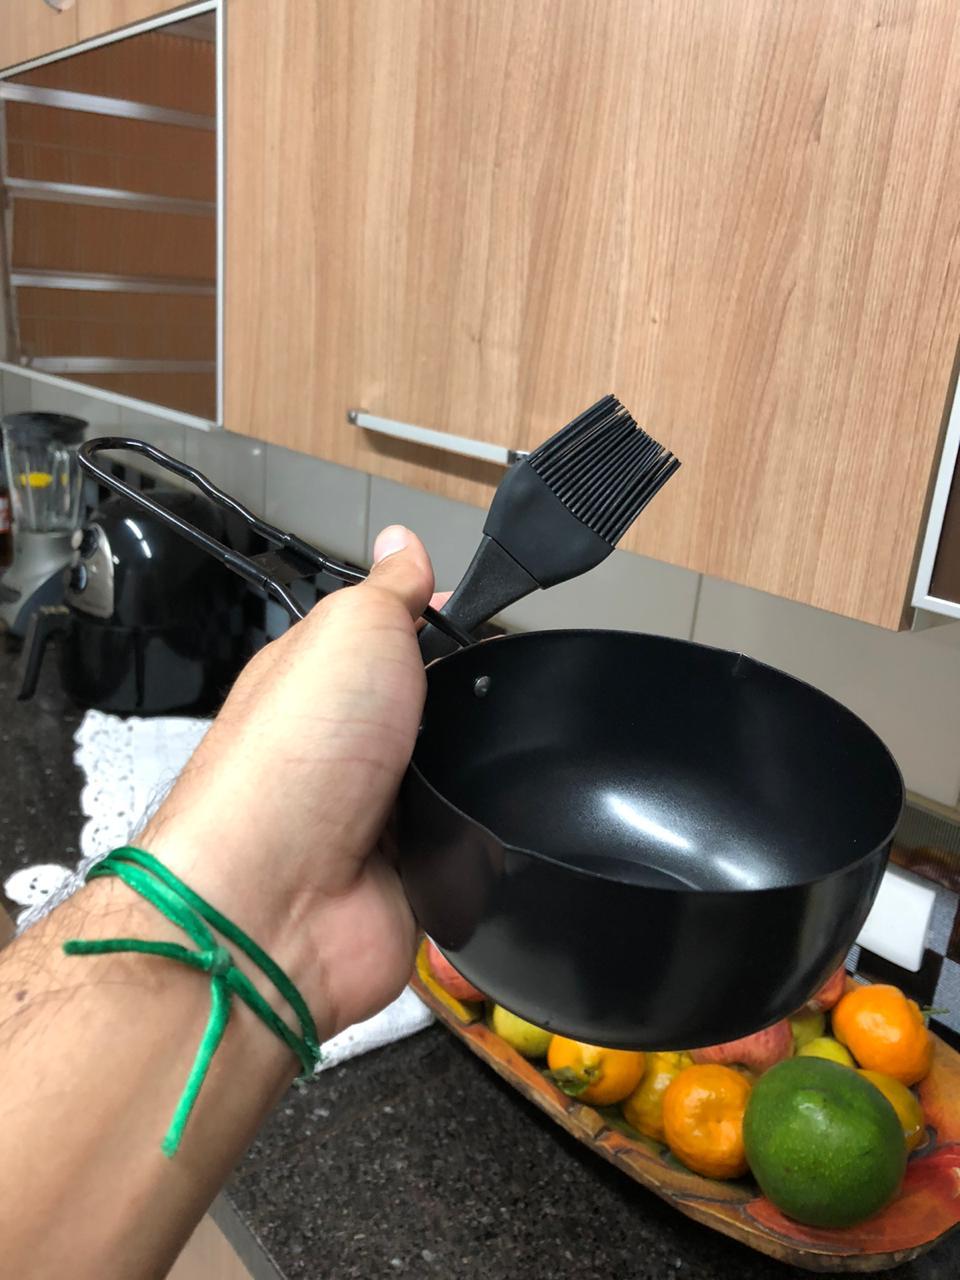 Pincel culinário de silicone molhos e bowl para churrasco preto 32cm livre de bpa